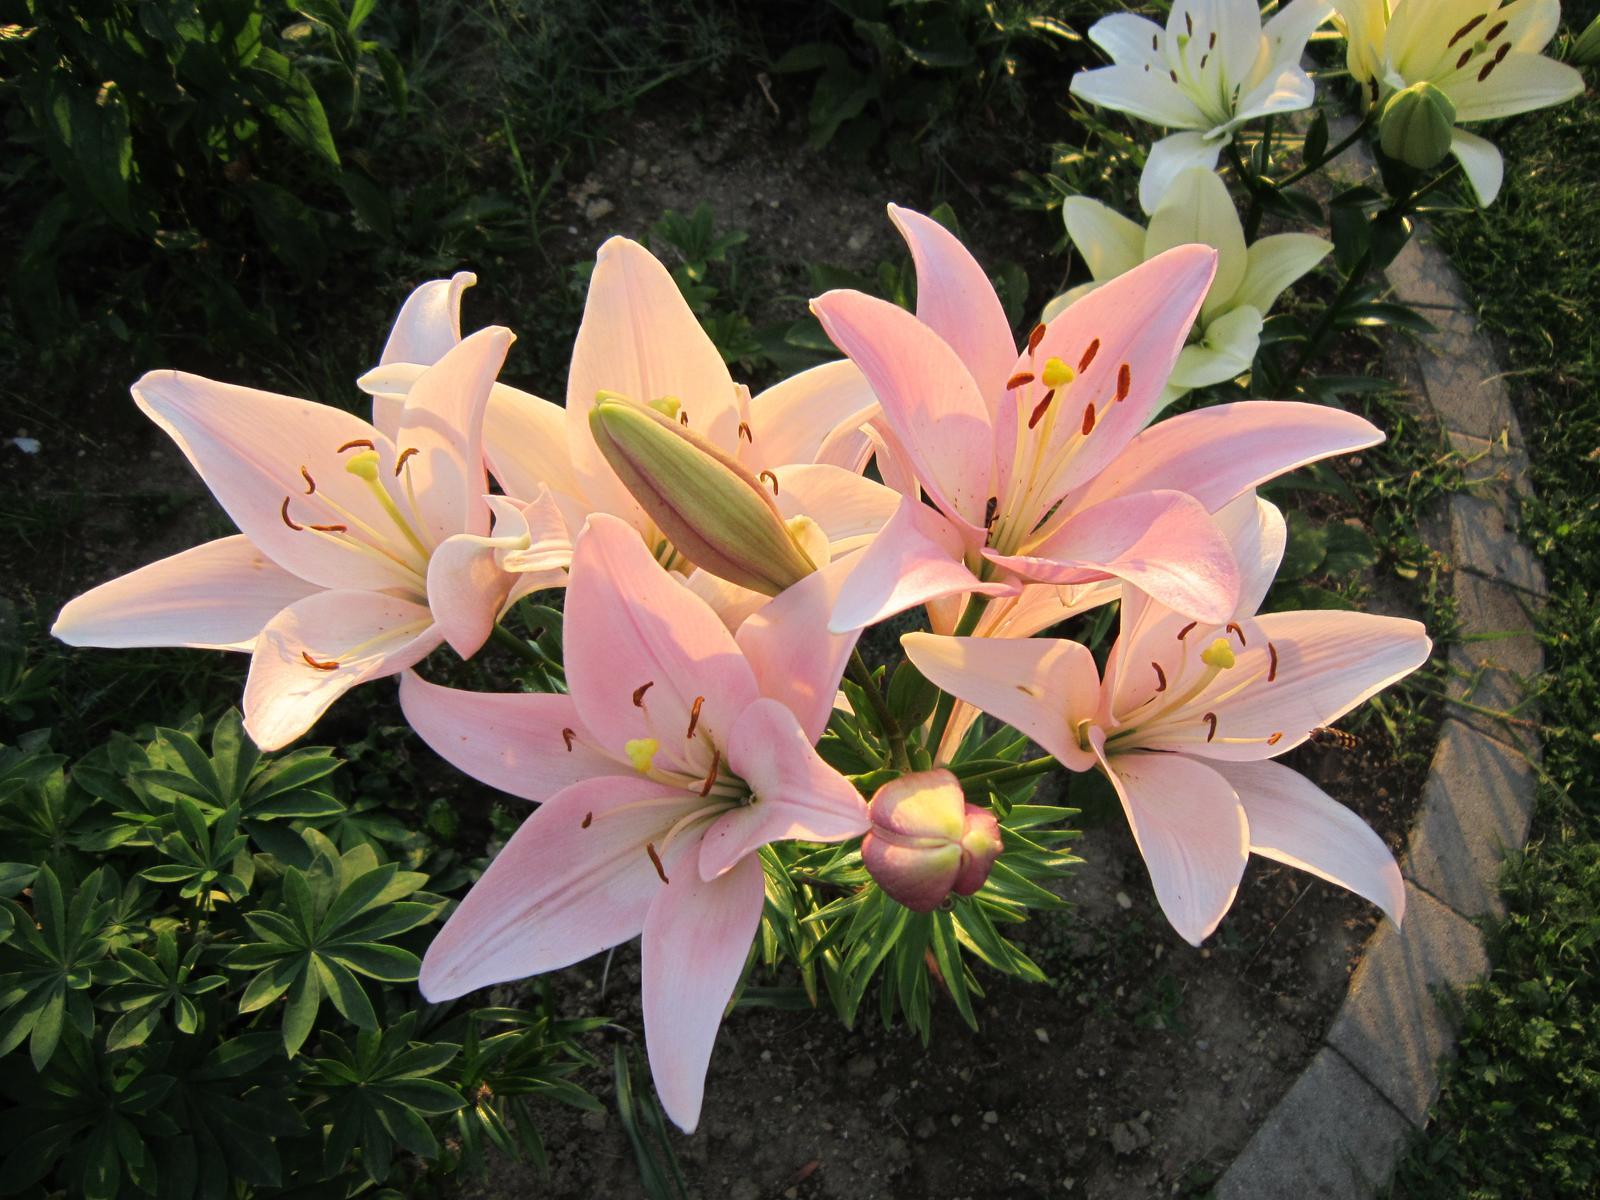 Pozvanie do našej jarnej záhrady - Pri západe slnka vyzerajú ľalie veľmi nežne...